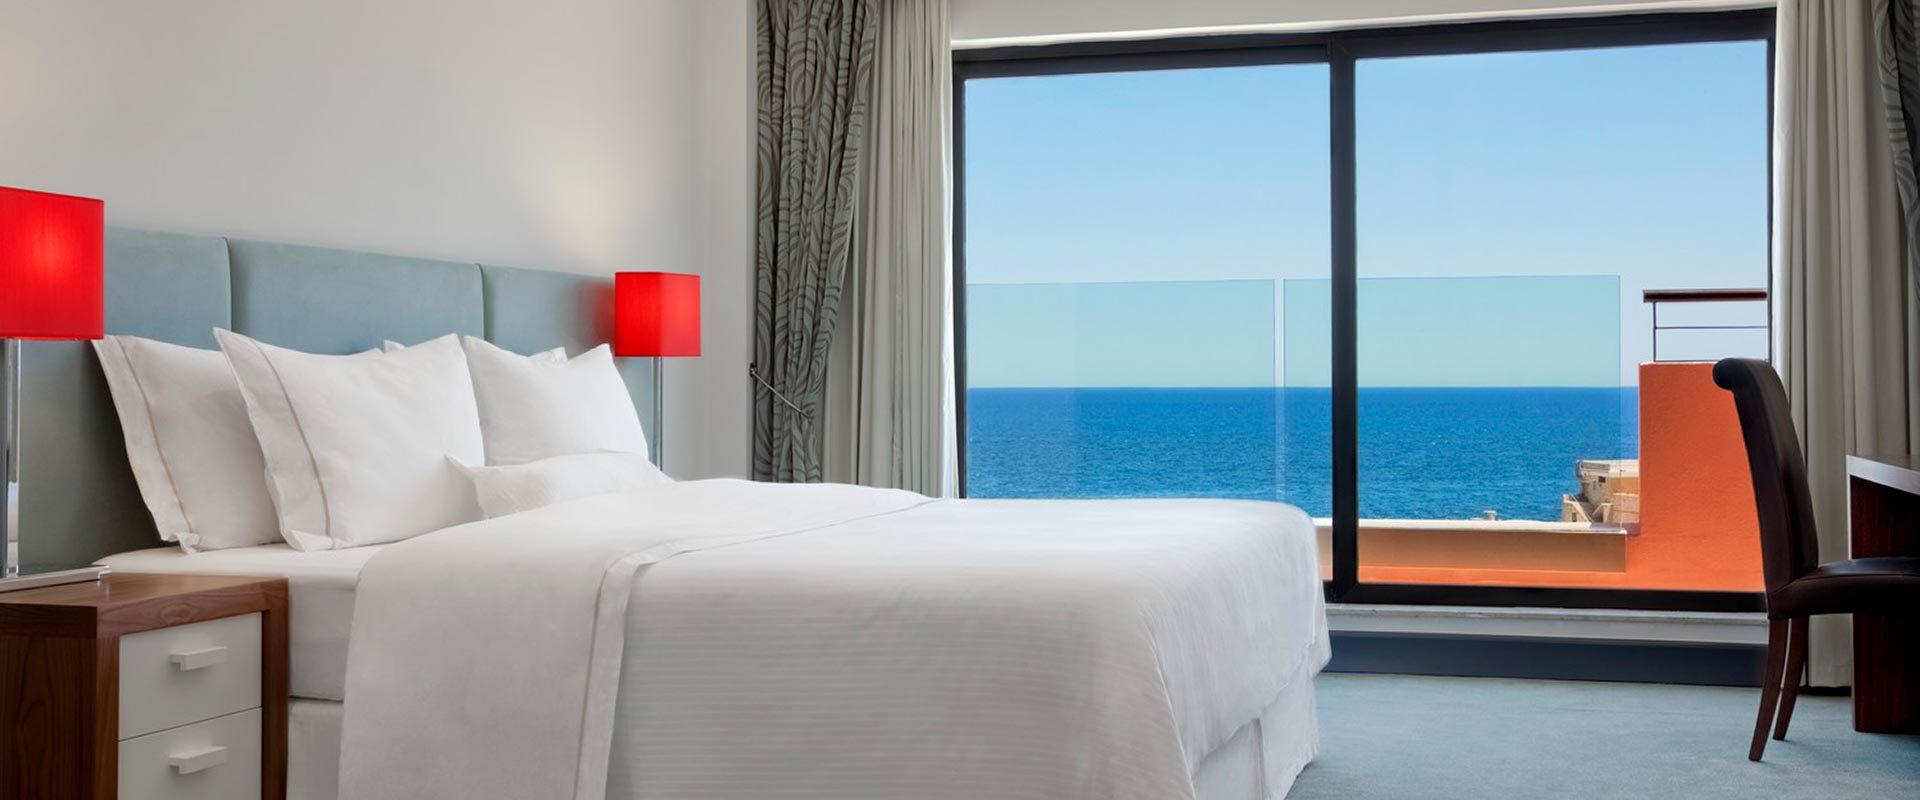 luxury resort suite bedroom with an ocean-view terrace